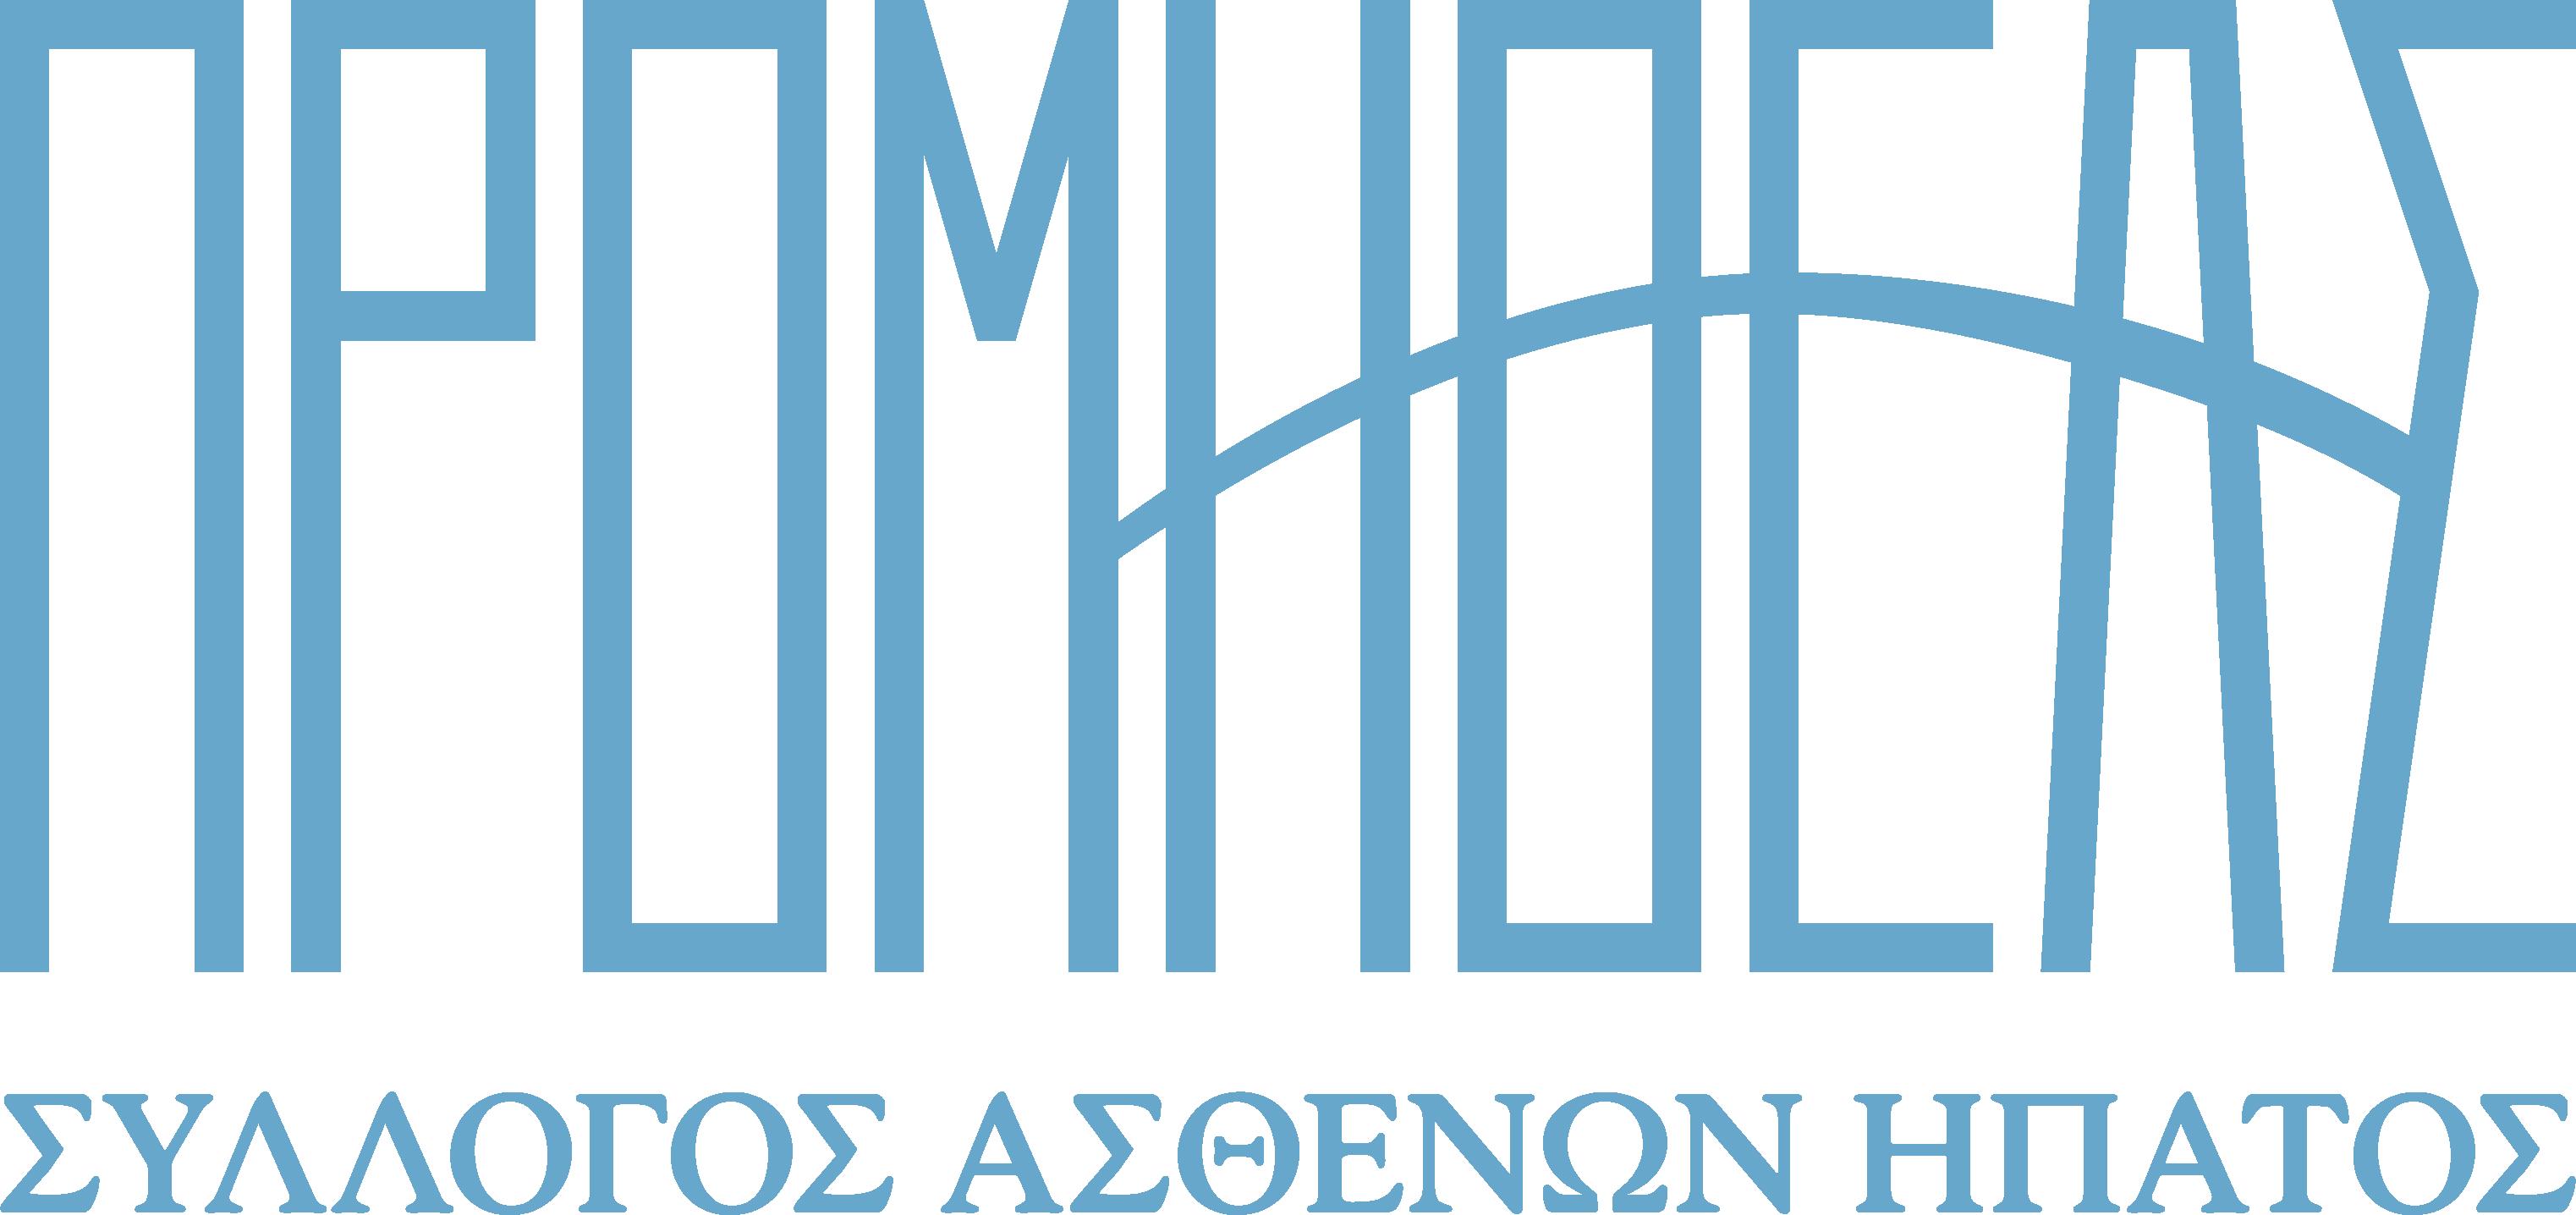 λογότυπο Σύλλογος Ασθενών Ήπατος Ελλάδος «Προμηθέας»